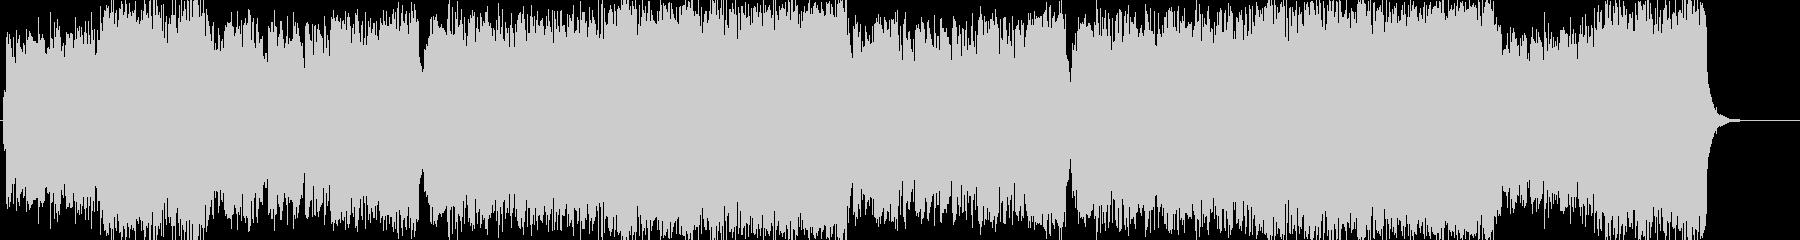 洋楽器で表現した和風曲 ロックVer.の未再生の波形